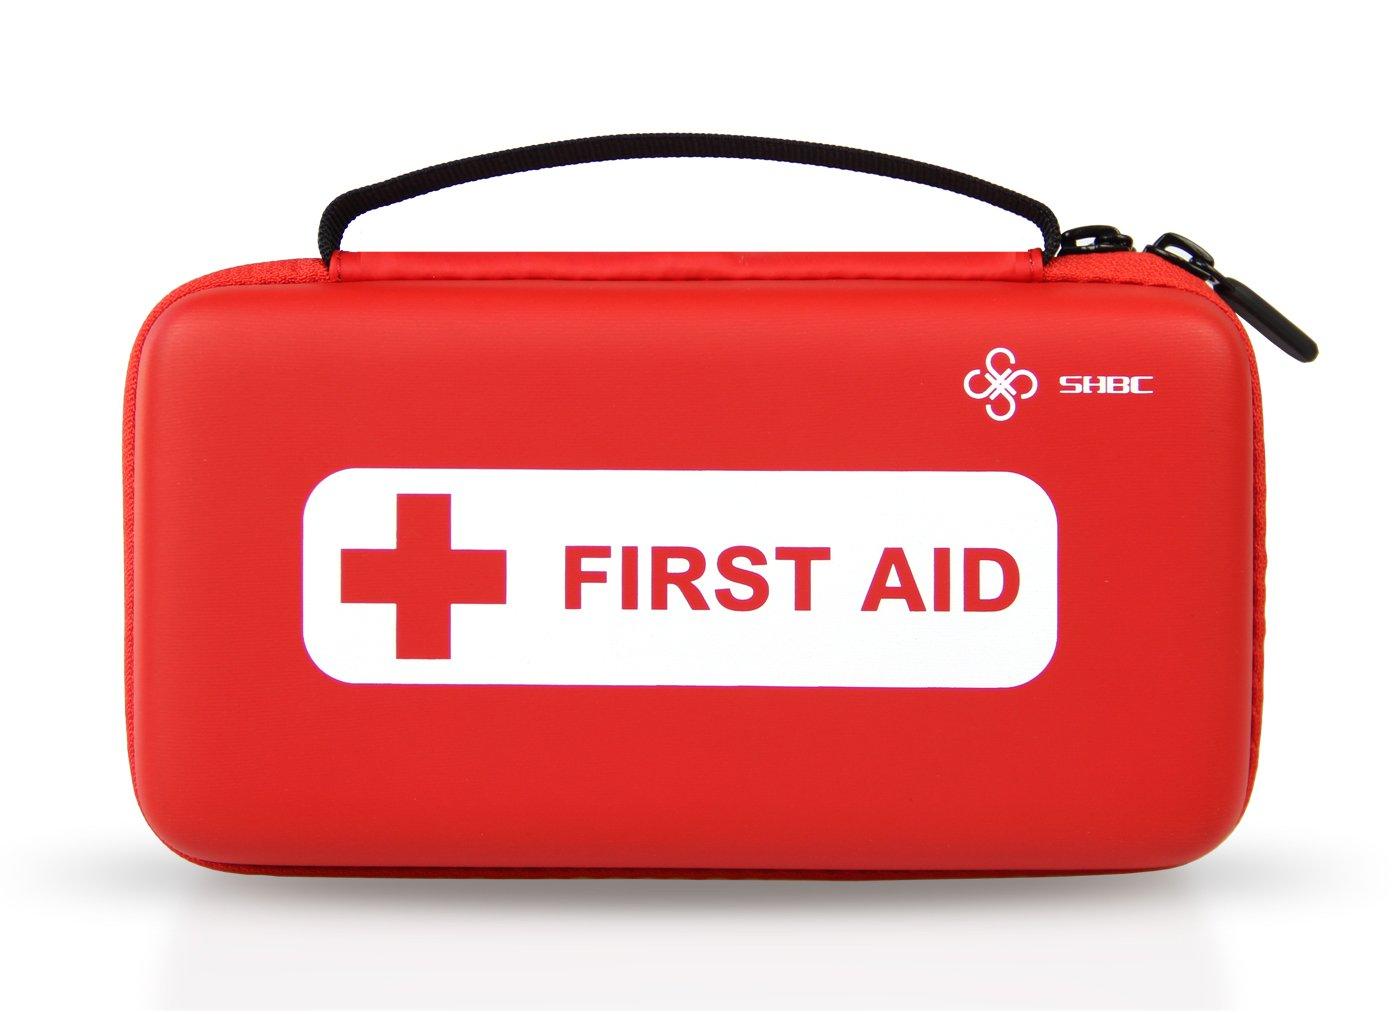 Kit compacto SHBC de primeros auxilios (152 piezas) Suministros mé dicos FDA de emergencias para el Hogar, Aire Libre, Barco, Coche, Lugar de Trabajo, Viajes, Senderismo y Escuela, Supervivencia Beyond Case